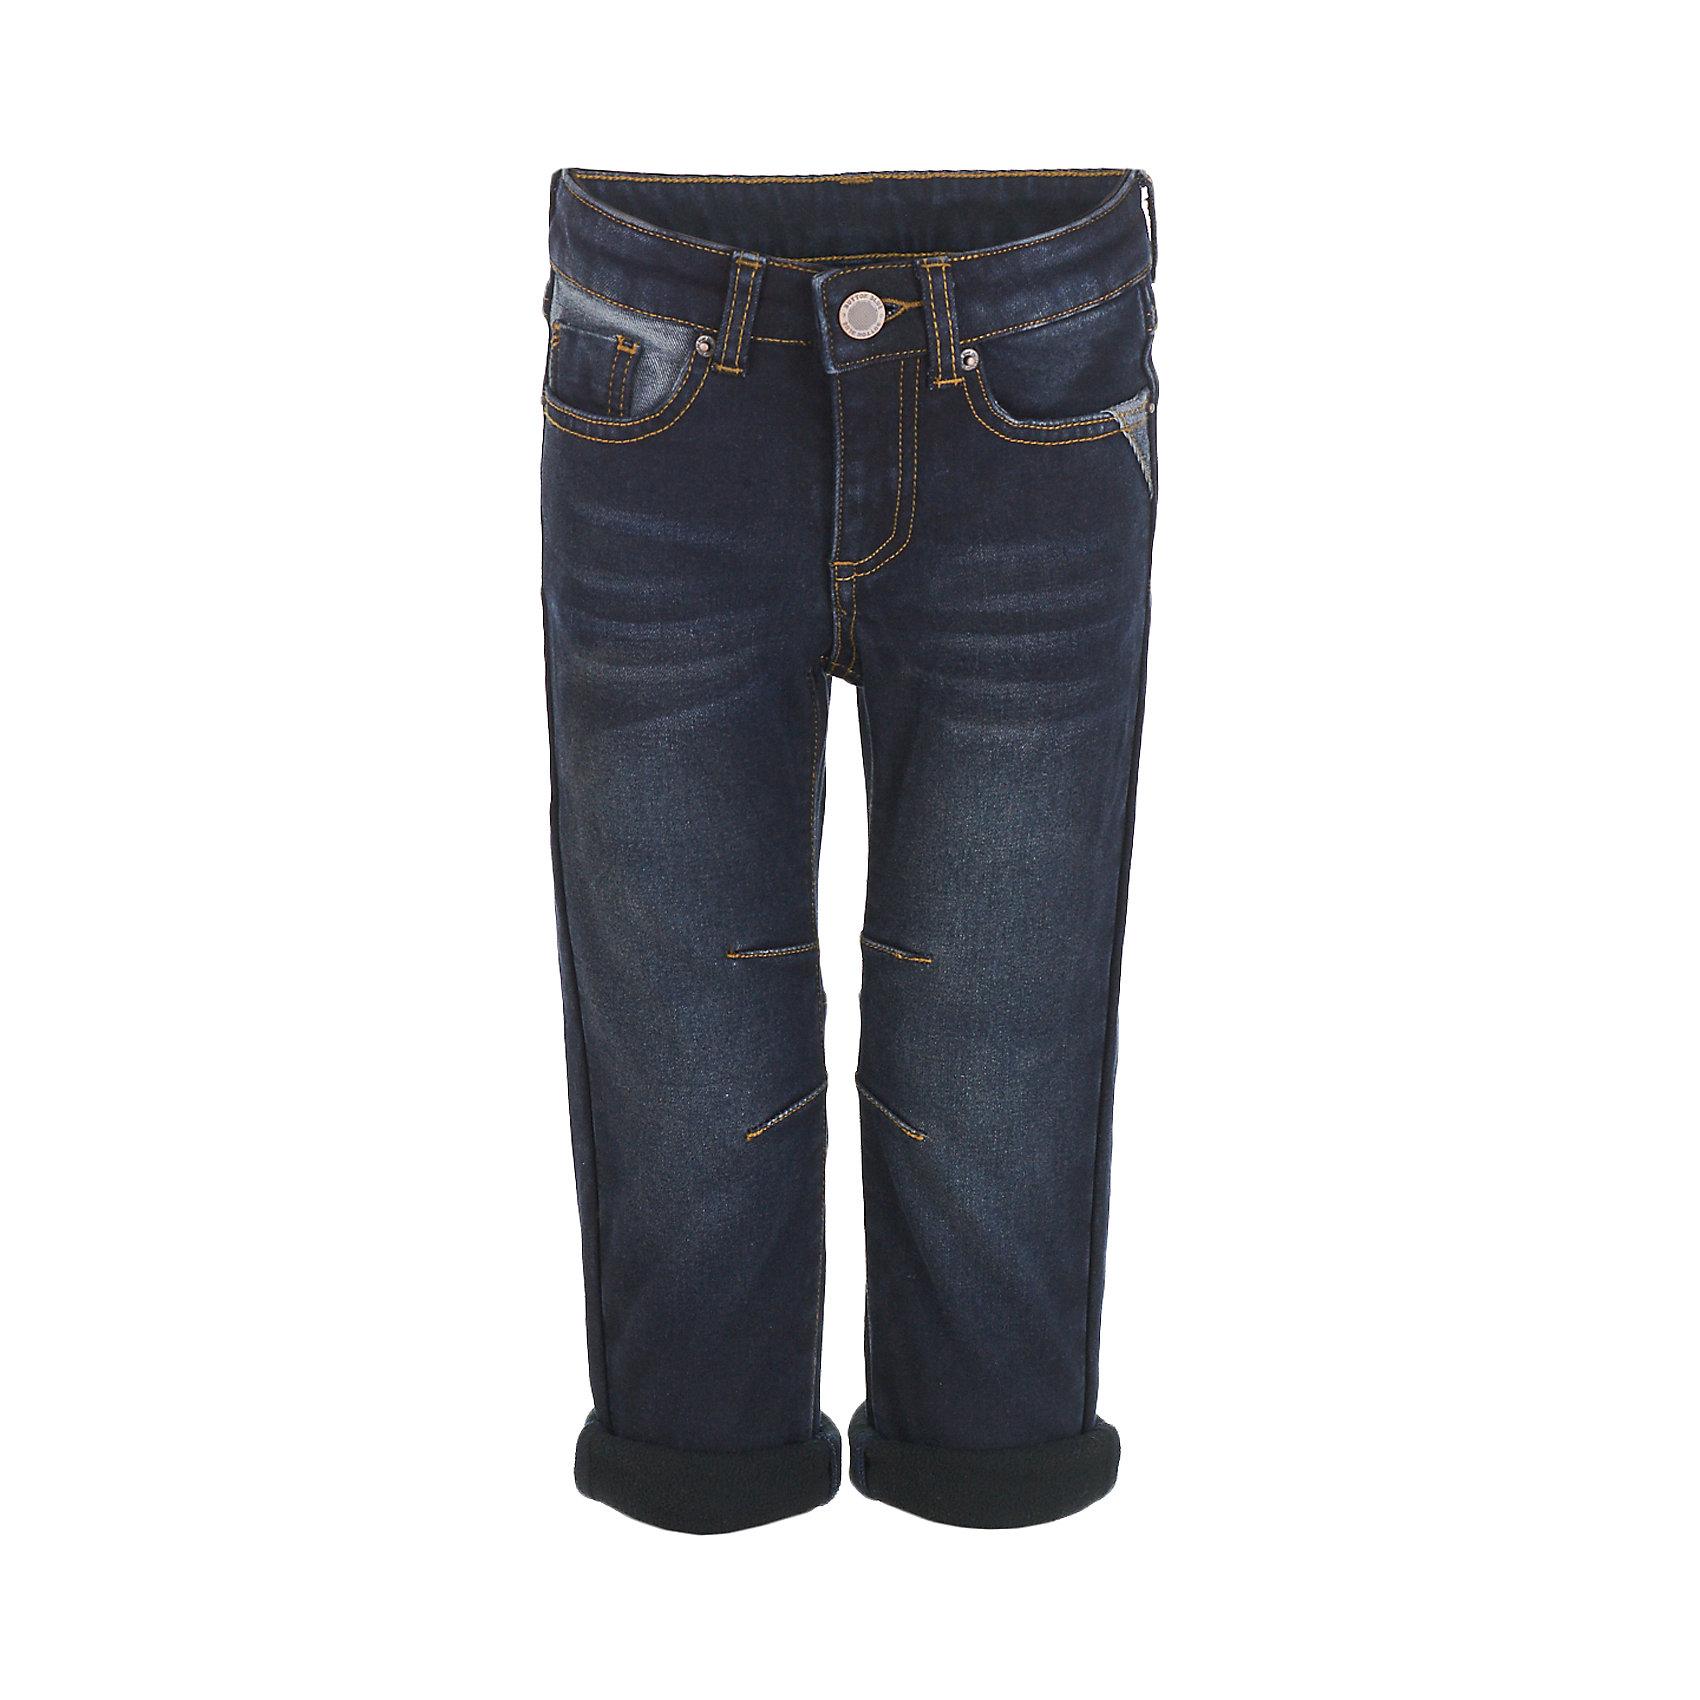 Джинсы Button Blue для мальчикаДжинсы<br>Характеристики товара:<br><br>• цвет: темно-синий;<br>• состав: 54% хлопок 44,5% полиэстер 1,5% эластан;<br>• сезон: демисезон;<br>• особенности: однотонные, на флисовой подкладке;<br>• застежка: ширинка на молнии и пуговица;<br>• внутренняя регулировка обхвата талии;<br>• штанины с отворотами;<br>• накладные карманы сзади;<br>• два кармана спереди + мини-карман;<br>• страна бренда: Россия;<br>• страна изготовитель: Китай.<br><br>Джинсы на флисе для мальчика. Темно-синие джинсы с отворотами застегиваются на ширинку на молнии и пуговицу. <br><br>Джинсы Button Blue (Баттон Блю) можно купить в нашем интернет-магазине.<br><br>Ширина мм: 215<br>Глубина мм: 88<br>Высота мм: 191<br>Вес г: 336<br>Цвет: черный<br>Возраст от месяцев: 144<br>Возраст до месяцев: 156<br>Пол: Мужской<br>Возраст: Детский<br>Размер: 158,98,104,110,116,122,128,134,140,146,152<br>SKU: 7038821